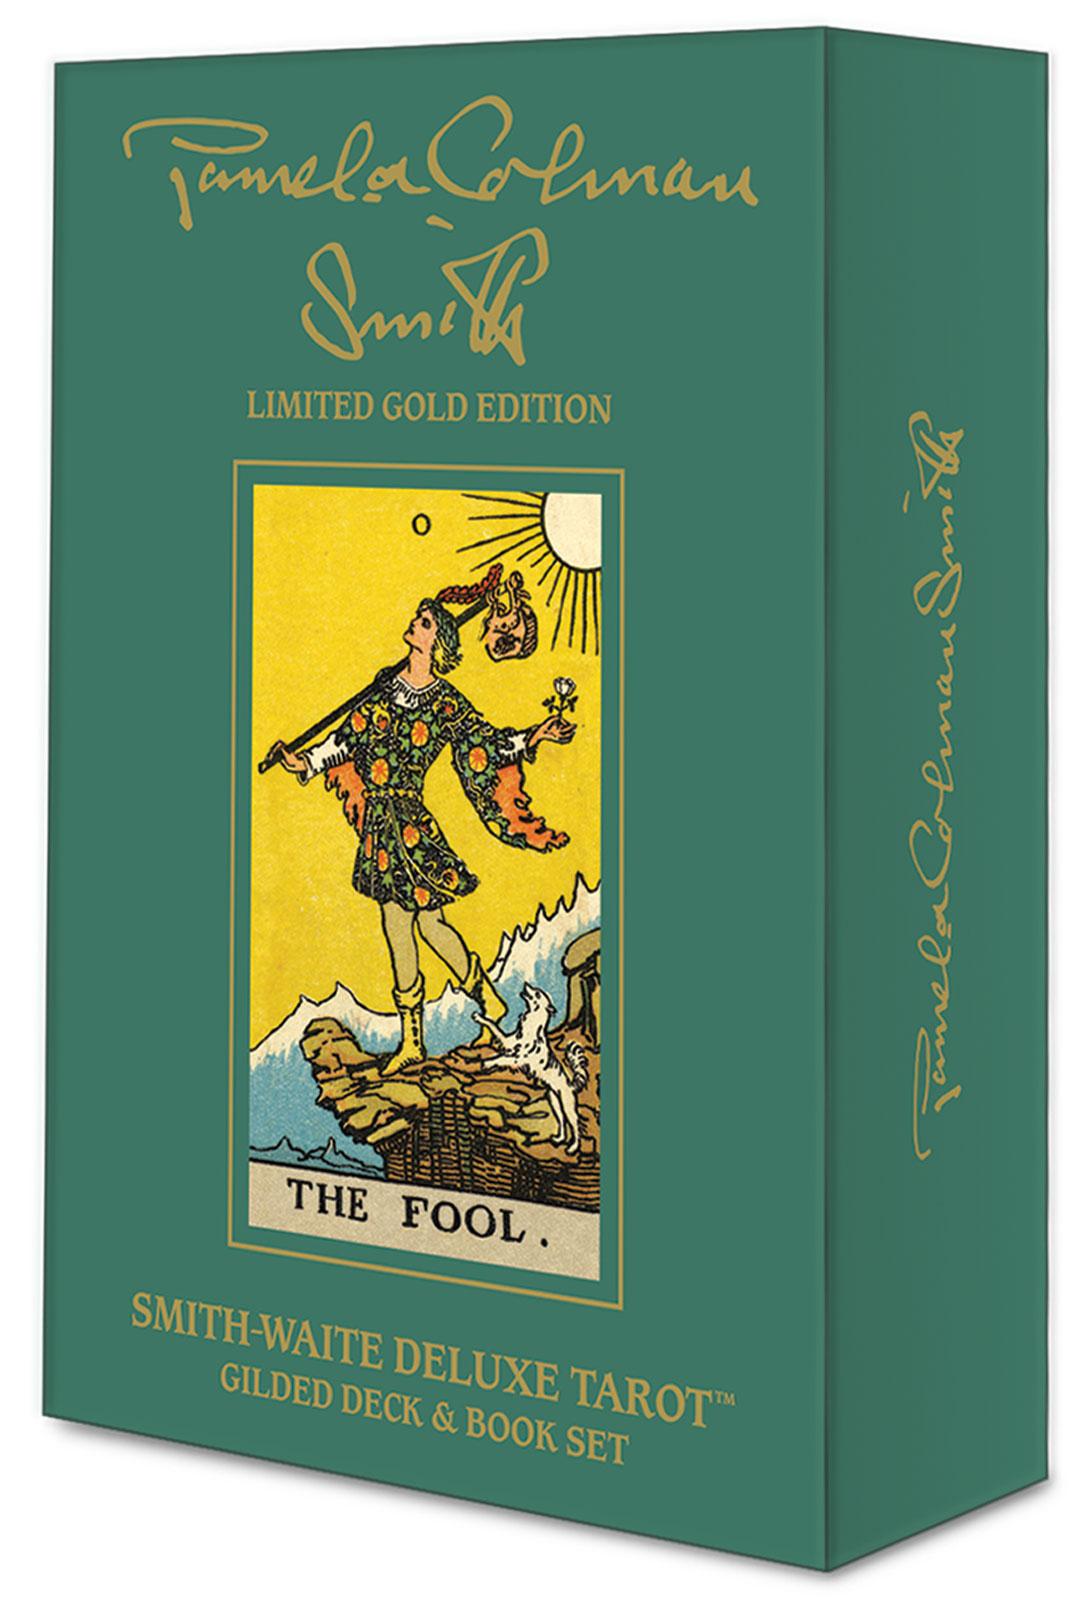 Smith-Waite Deluxe Tarot: Gilded Deck & Book Set